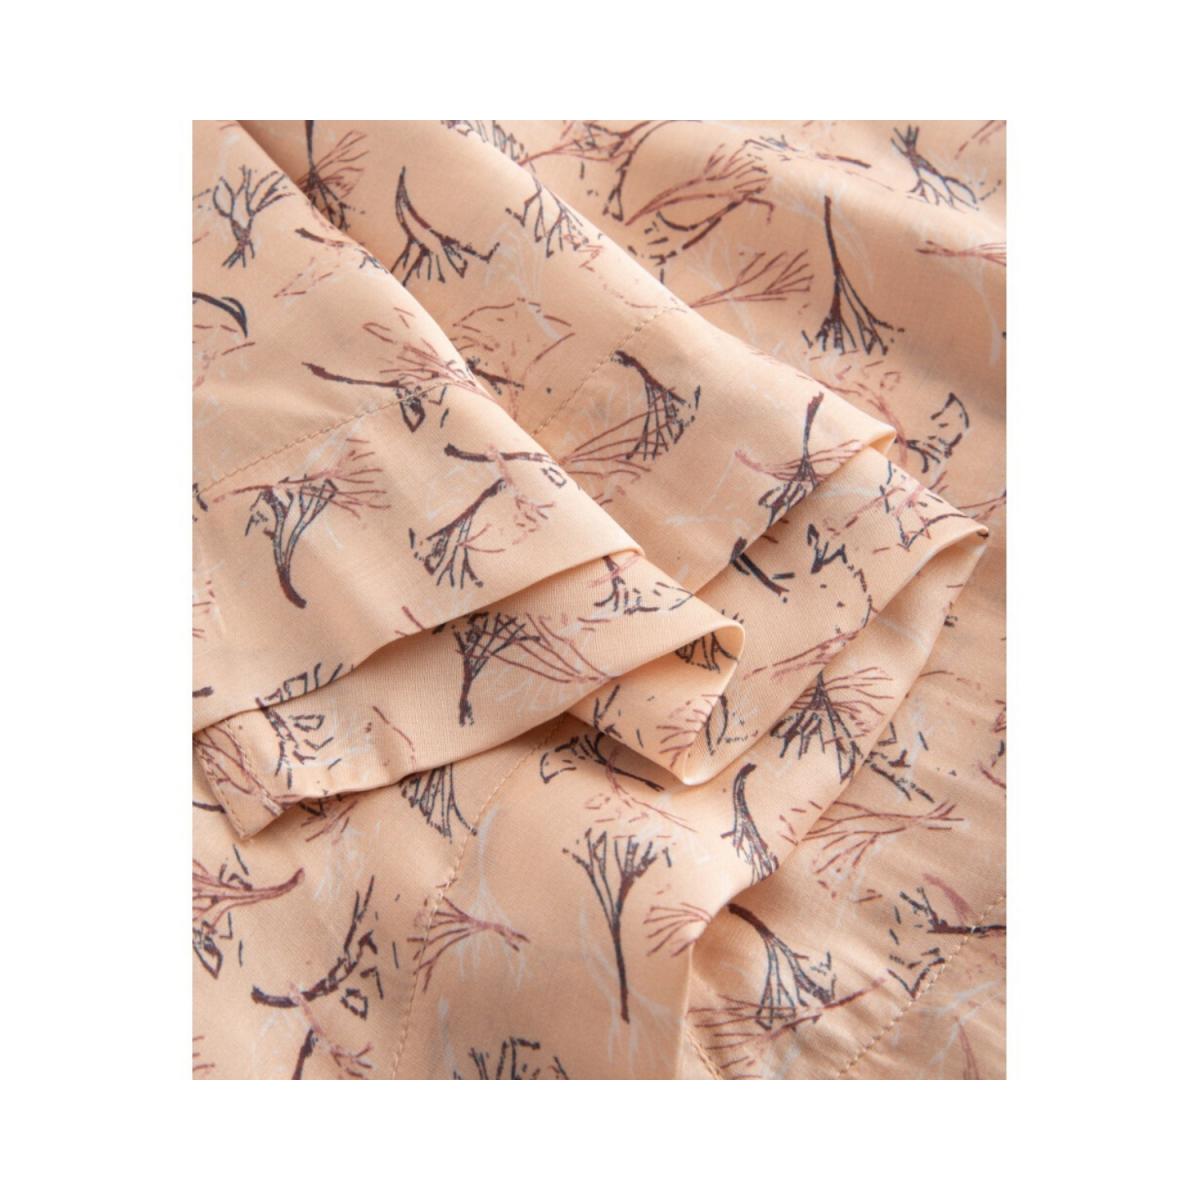 ellen kjole - straw print frappe - detalje billede